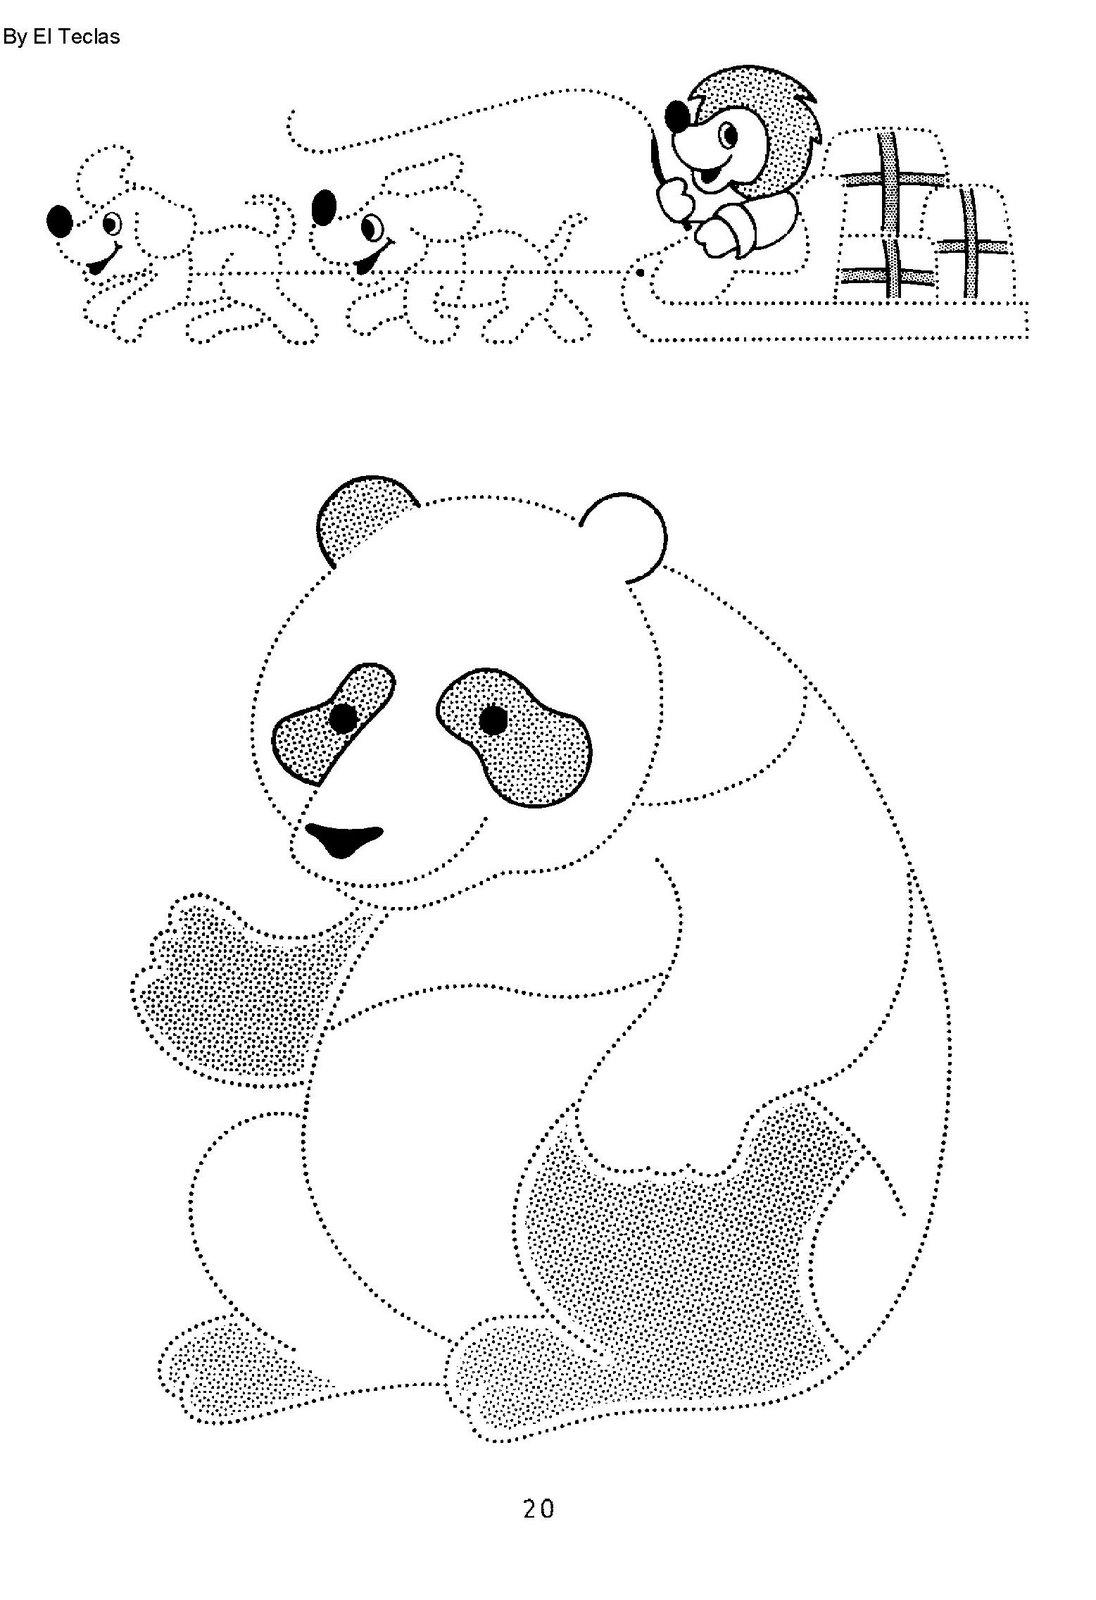 Dibujos para colorear y practicar la caligrafía uniendo puntos